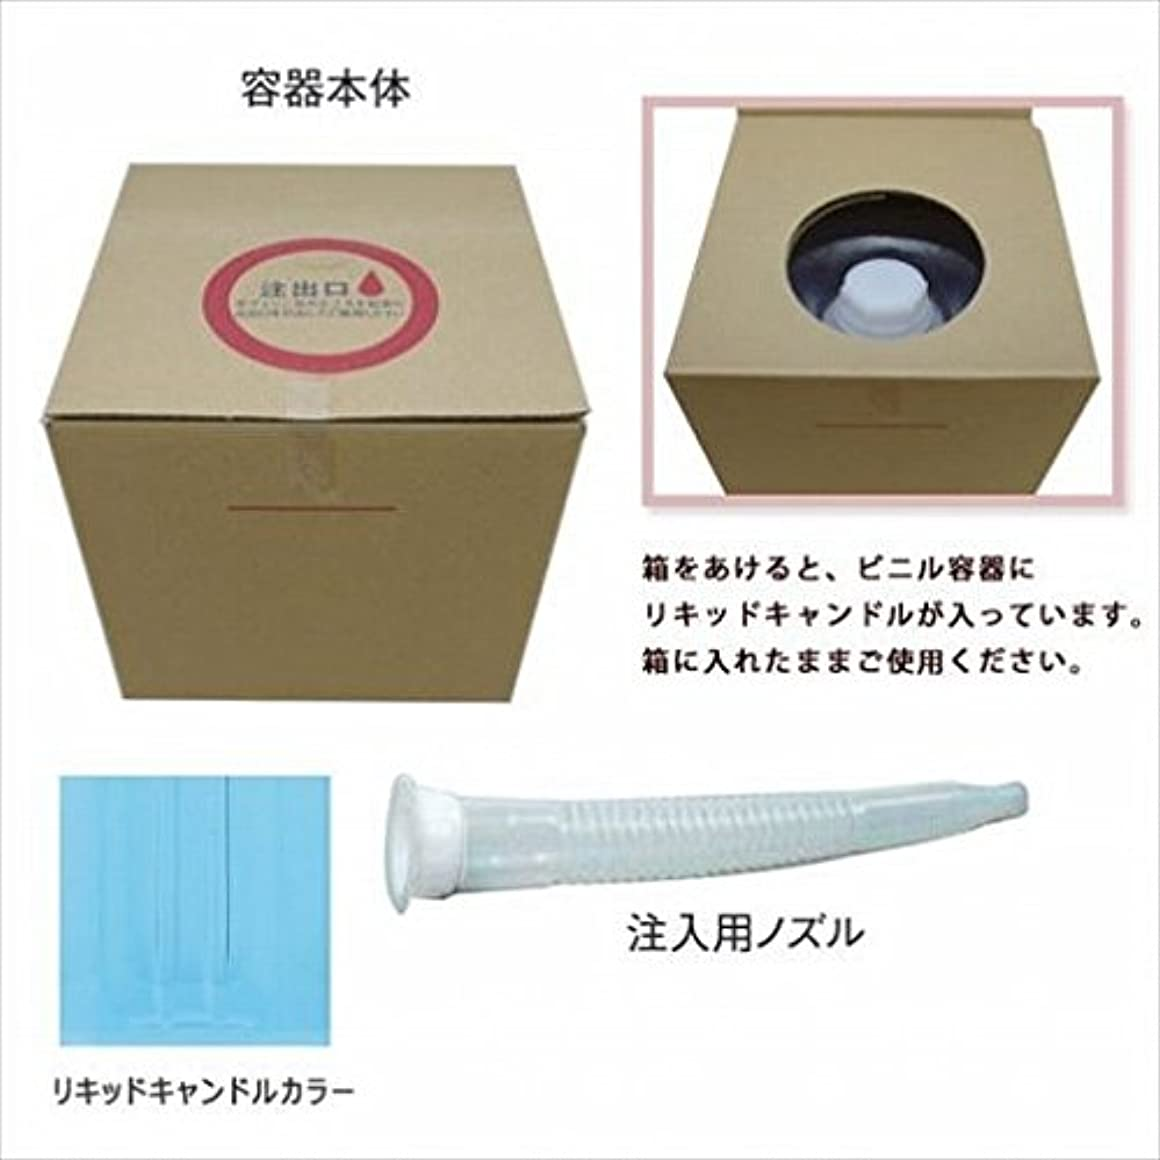 間隔酔う必需品kameyama candle(カメヤマキャンドル) リキッドキャンドル5リットル 「 ライトブルー 」(77320000LB)